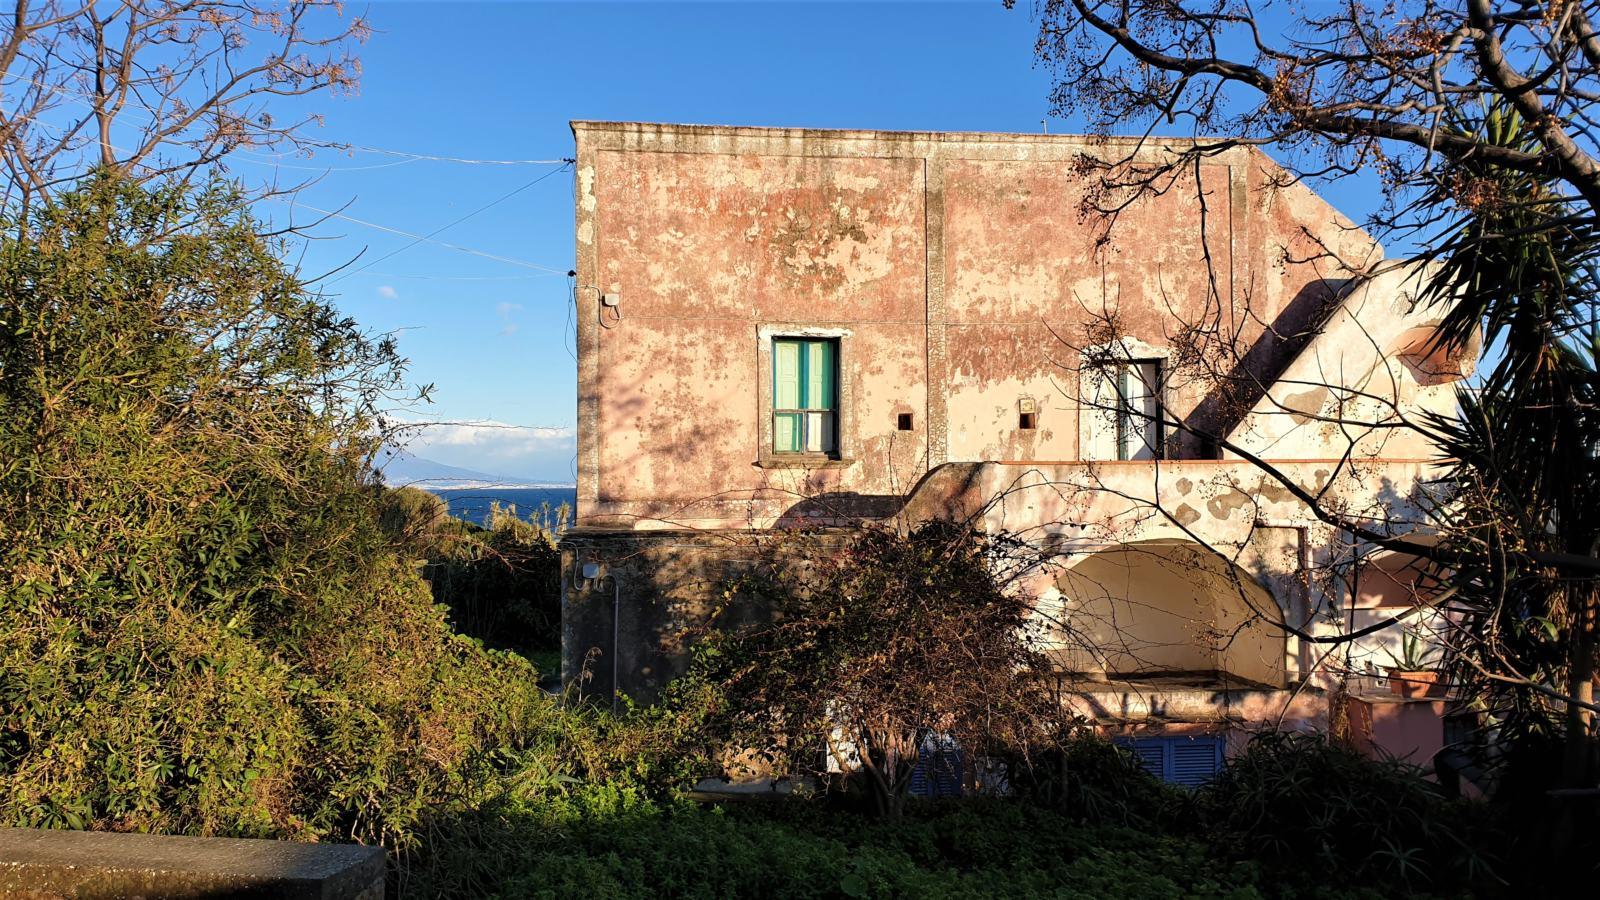 Una casa dai muri in calce rosa e dalle persiane azzurre a picco sul mare di Procida